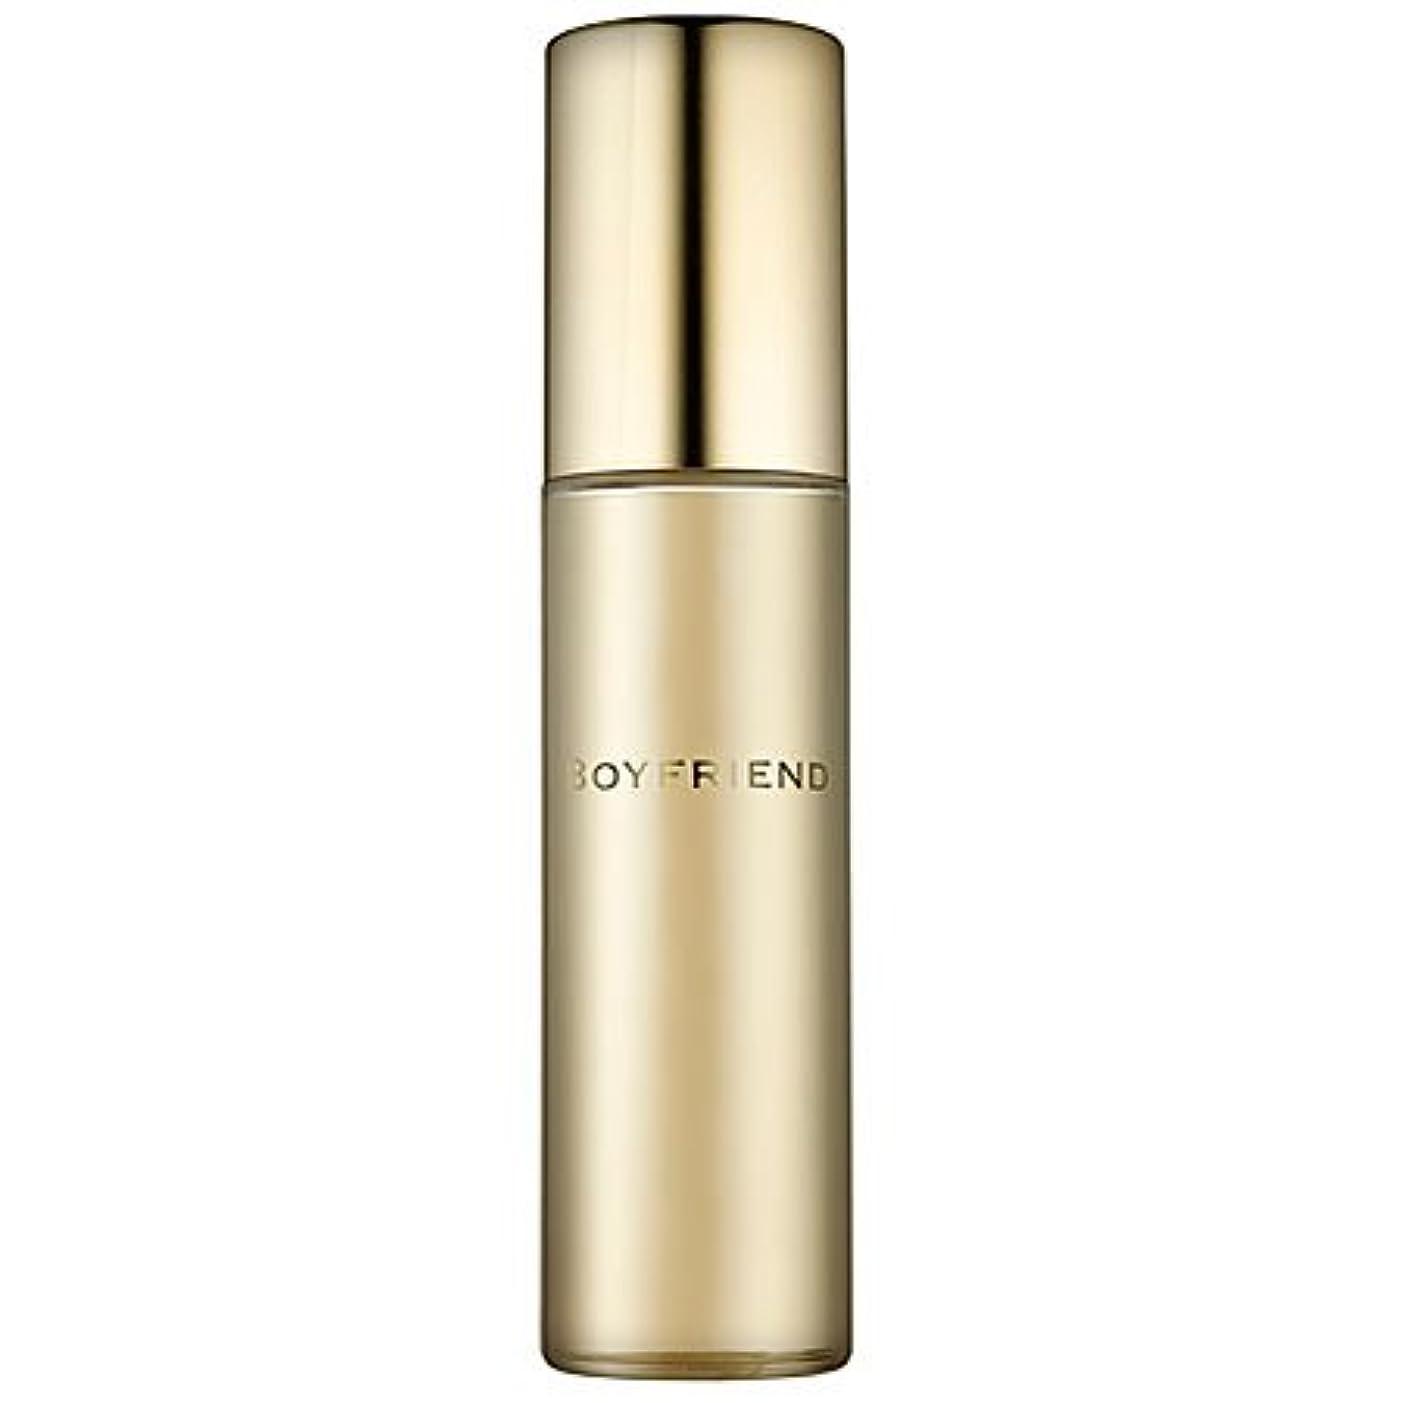 バッチ細断ハイキングに行くBoyfriend (ボーイフレンド) 3.38 oz (100ml) Dry Body Oil Spray by Kate Walsh for Women